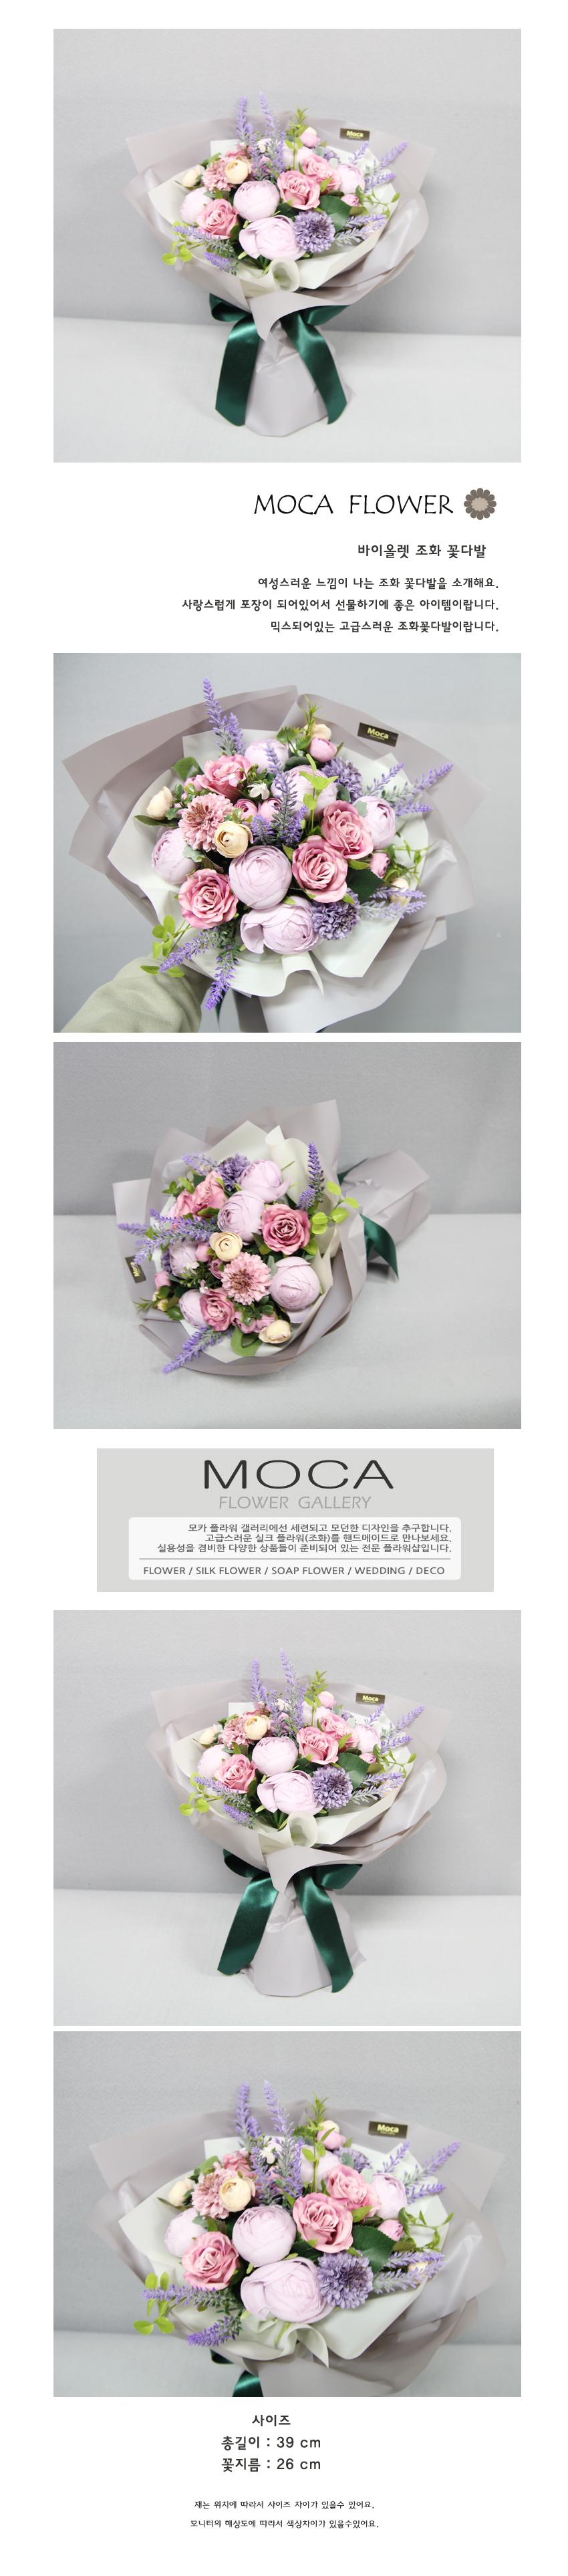 바이올렛 조화꽃다발 - 모카플라워갤러리, 29,800원, 조화, 꽃다발/꽃바구니